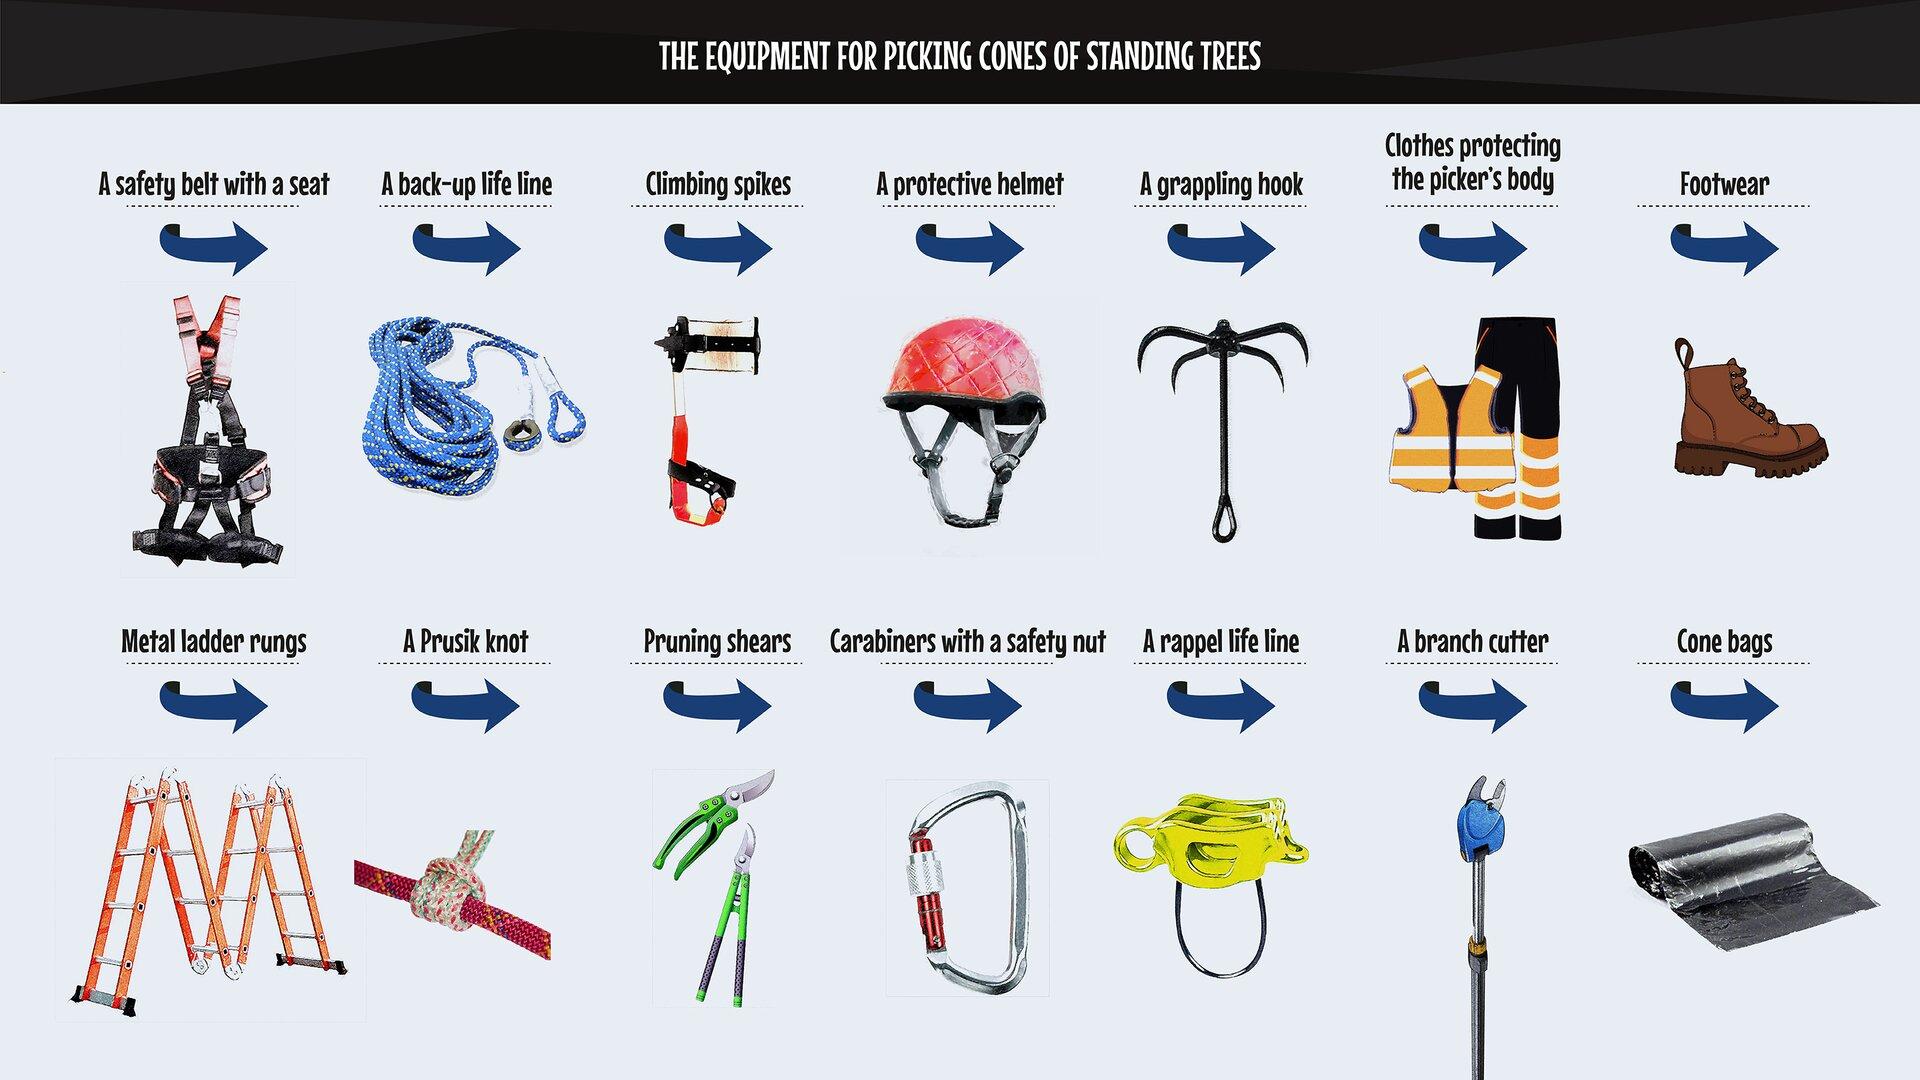 Apicker's equipment: 1: climbing spikes, 2. metal ladder rungs, 3: asafety belt with aseat, 4: carabiners with asafety nut, 5: aworking life line , 6: aback-up life line, 7: aPrusik knot, 8: arappel life line, 9: agrappling hook, 10: pruning shears, 11: abranch cutter, 12: clothes protecting the picker's body, 13: footwear, 14: aprotective helmet, 15: bags, 16: baskets, 17: cone bags. Wyposażenie zbieracza: 1- włazy kolcowe, 2- segmenty drabiny metalowej, 3- pas bezpieczeństwa zsiodełkiem, 4- karabinki znakrętką zabezpieczającą, 5- linka asekuracyjna robocza, 6- linka asekuracyjna pomocnicza, 7- pętla prusika, 8- linka asekuracyjno-zjazdowa, 9- kotwiczka, 10- sekator, 11- przyginacz gałęzi, 12- odzież chroniąca ciało zbieracza, 13- obuwie, 14- hełm ochronny, 15- torby, 16- kosze, 17- worki do szyszek.